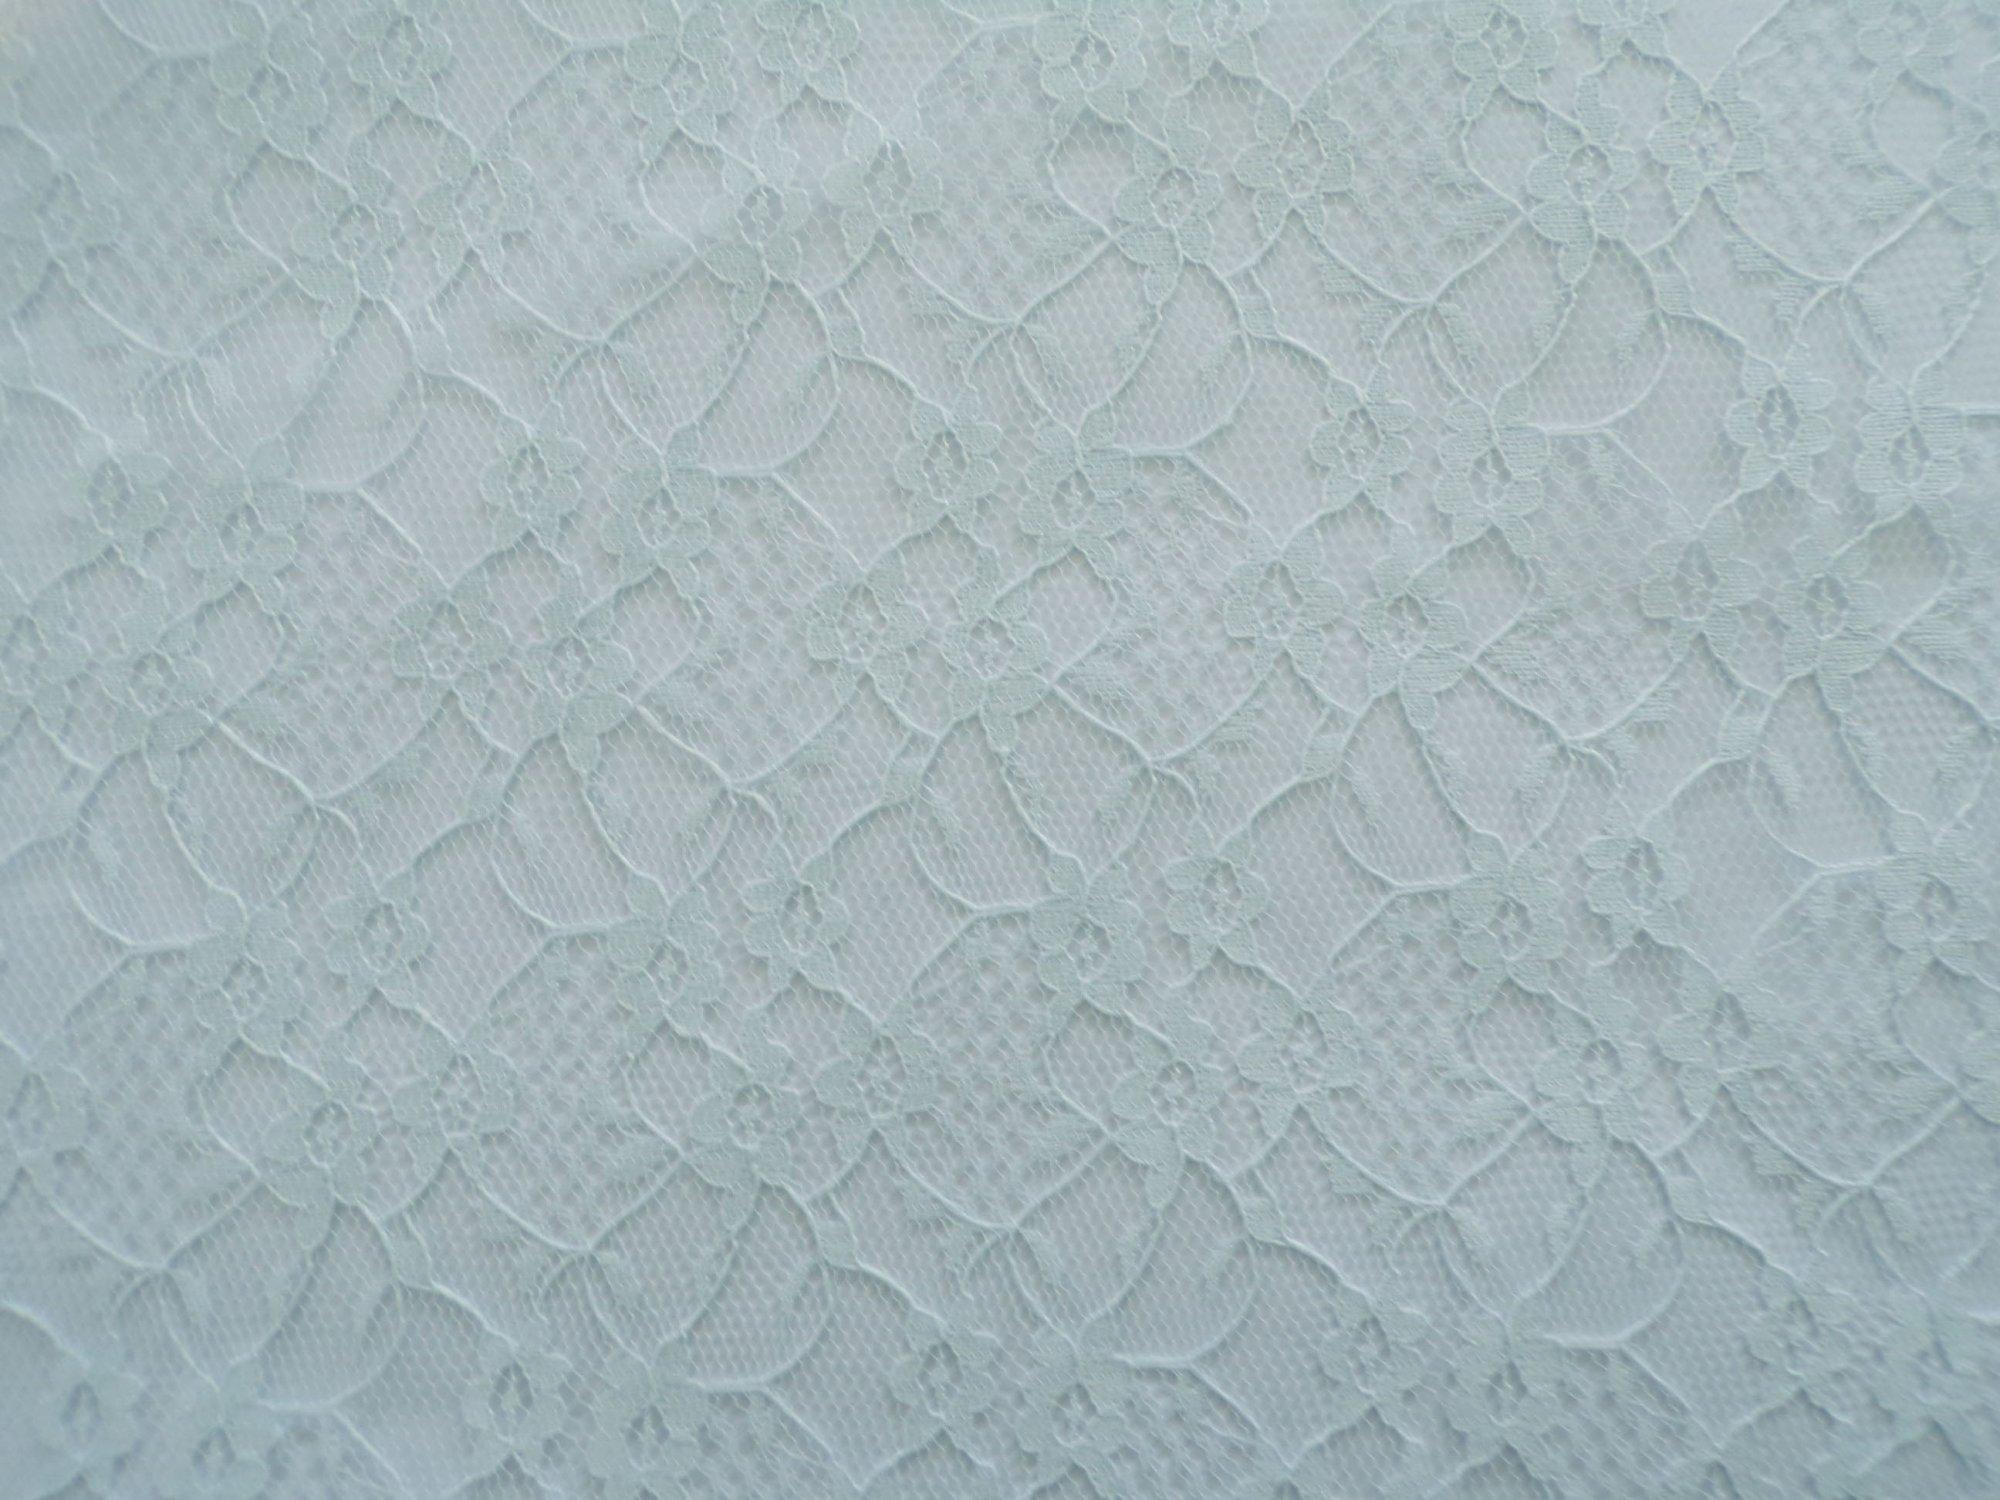 Raschel Lace - Pale Blue